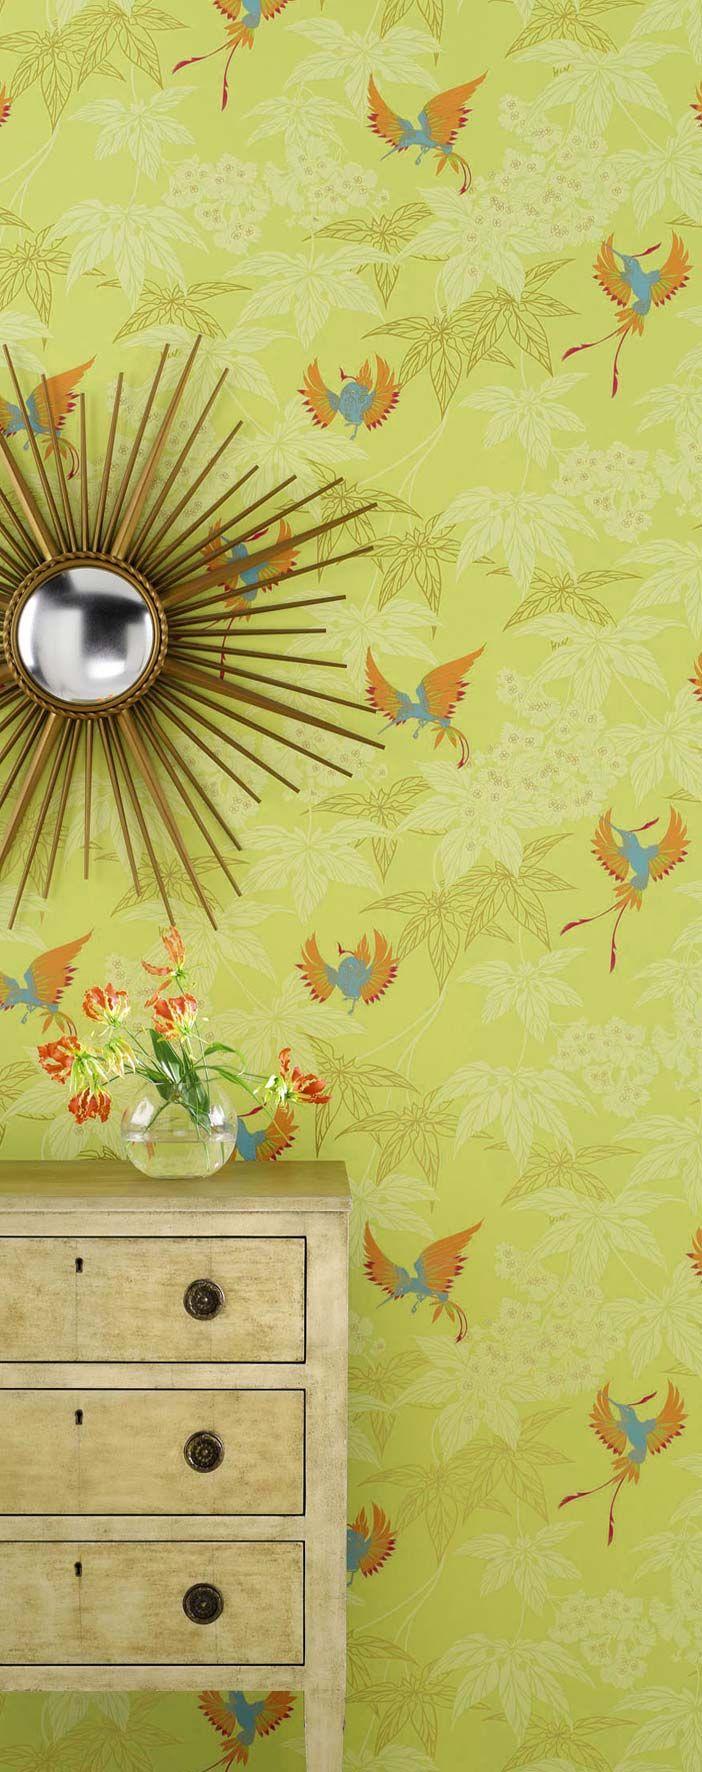 50 Osborne And Little Koi Wallpaper On Wallpapersafari